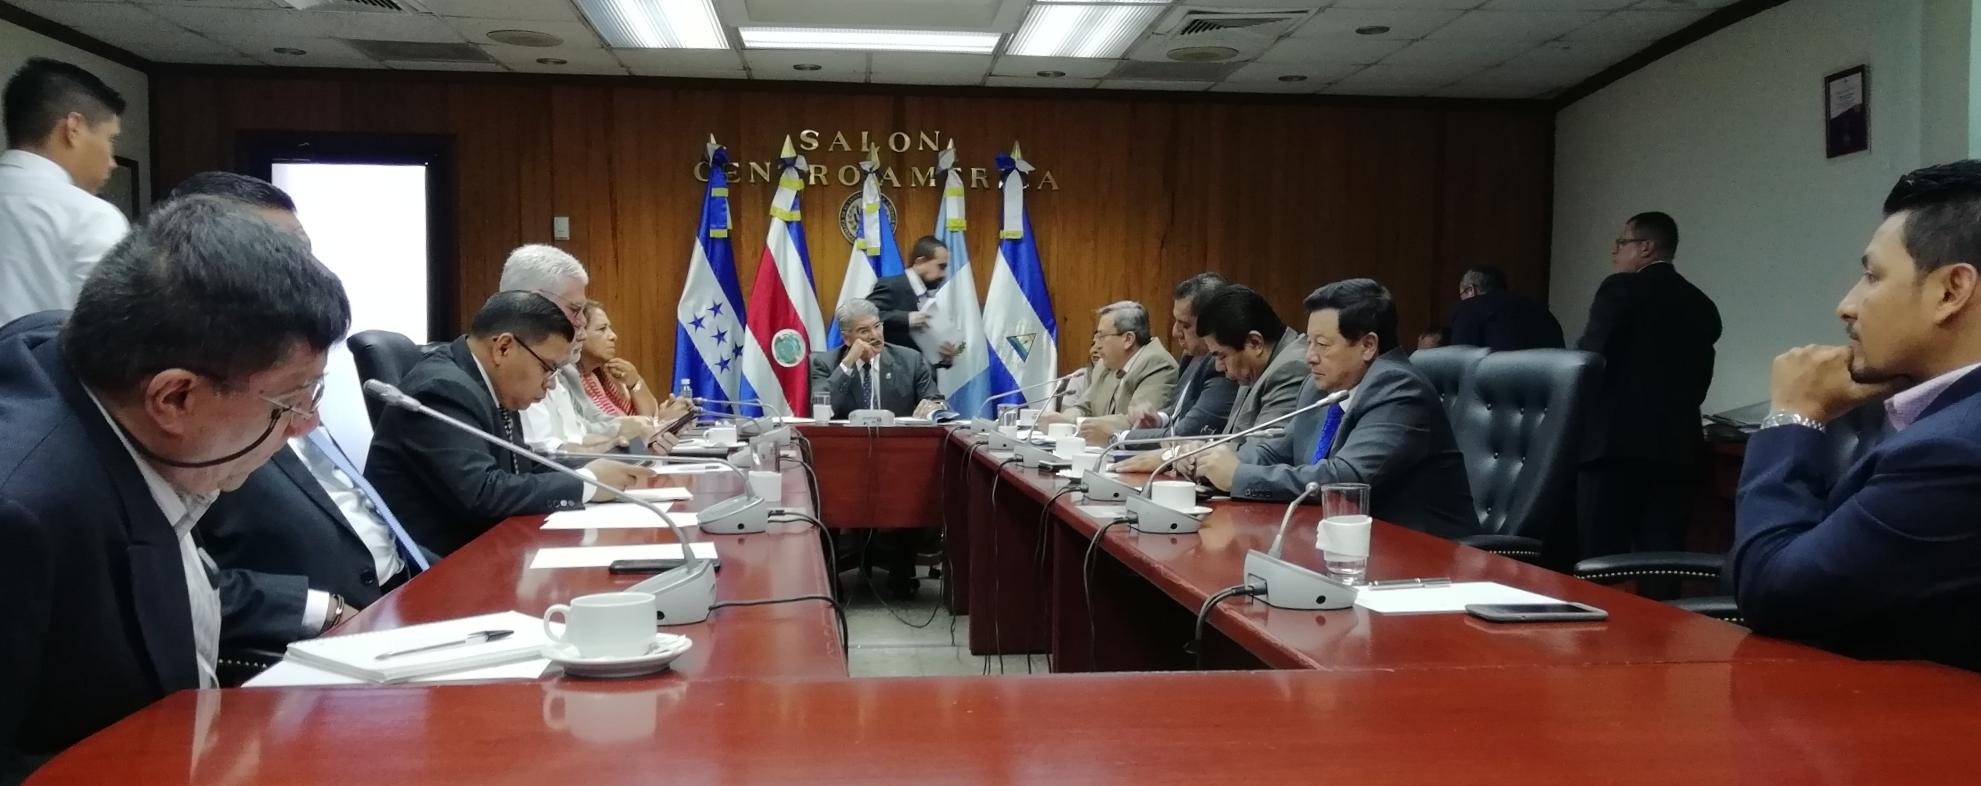 Comisión Política continúa con los acercamientos para elegir magistrados de la CSJ